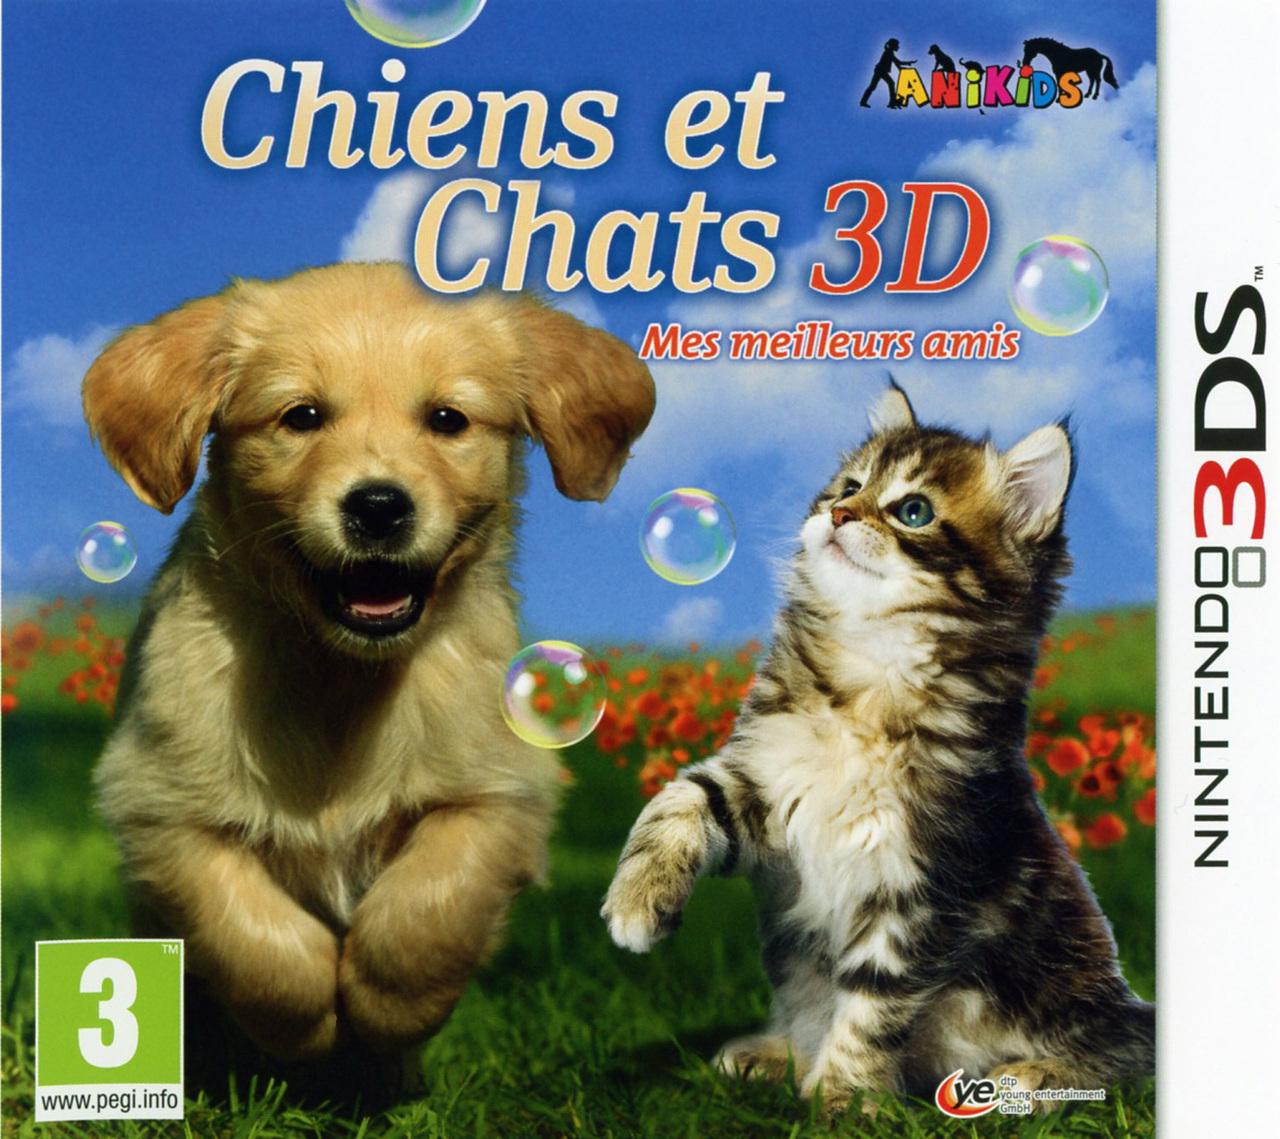 Chiens et chats 3d mes meilleurs amis sur nintendo 3ds for Meilleur 3d